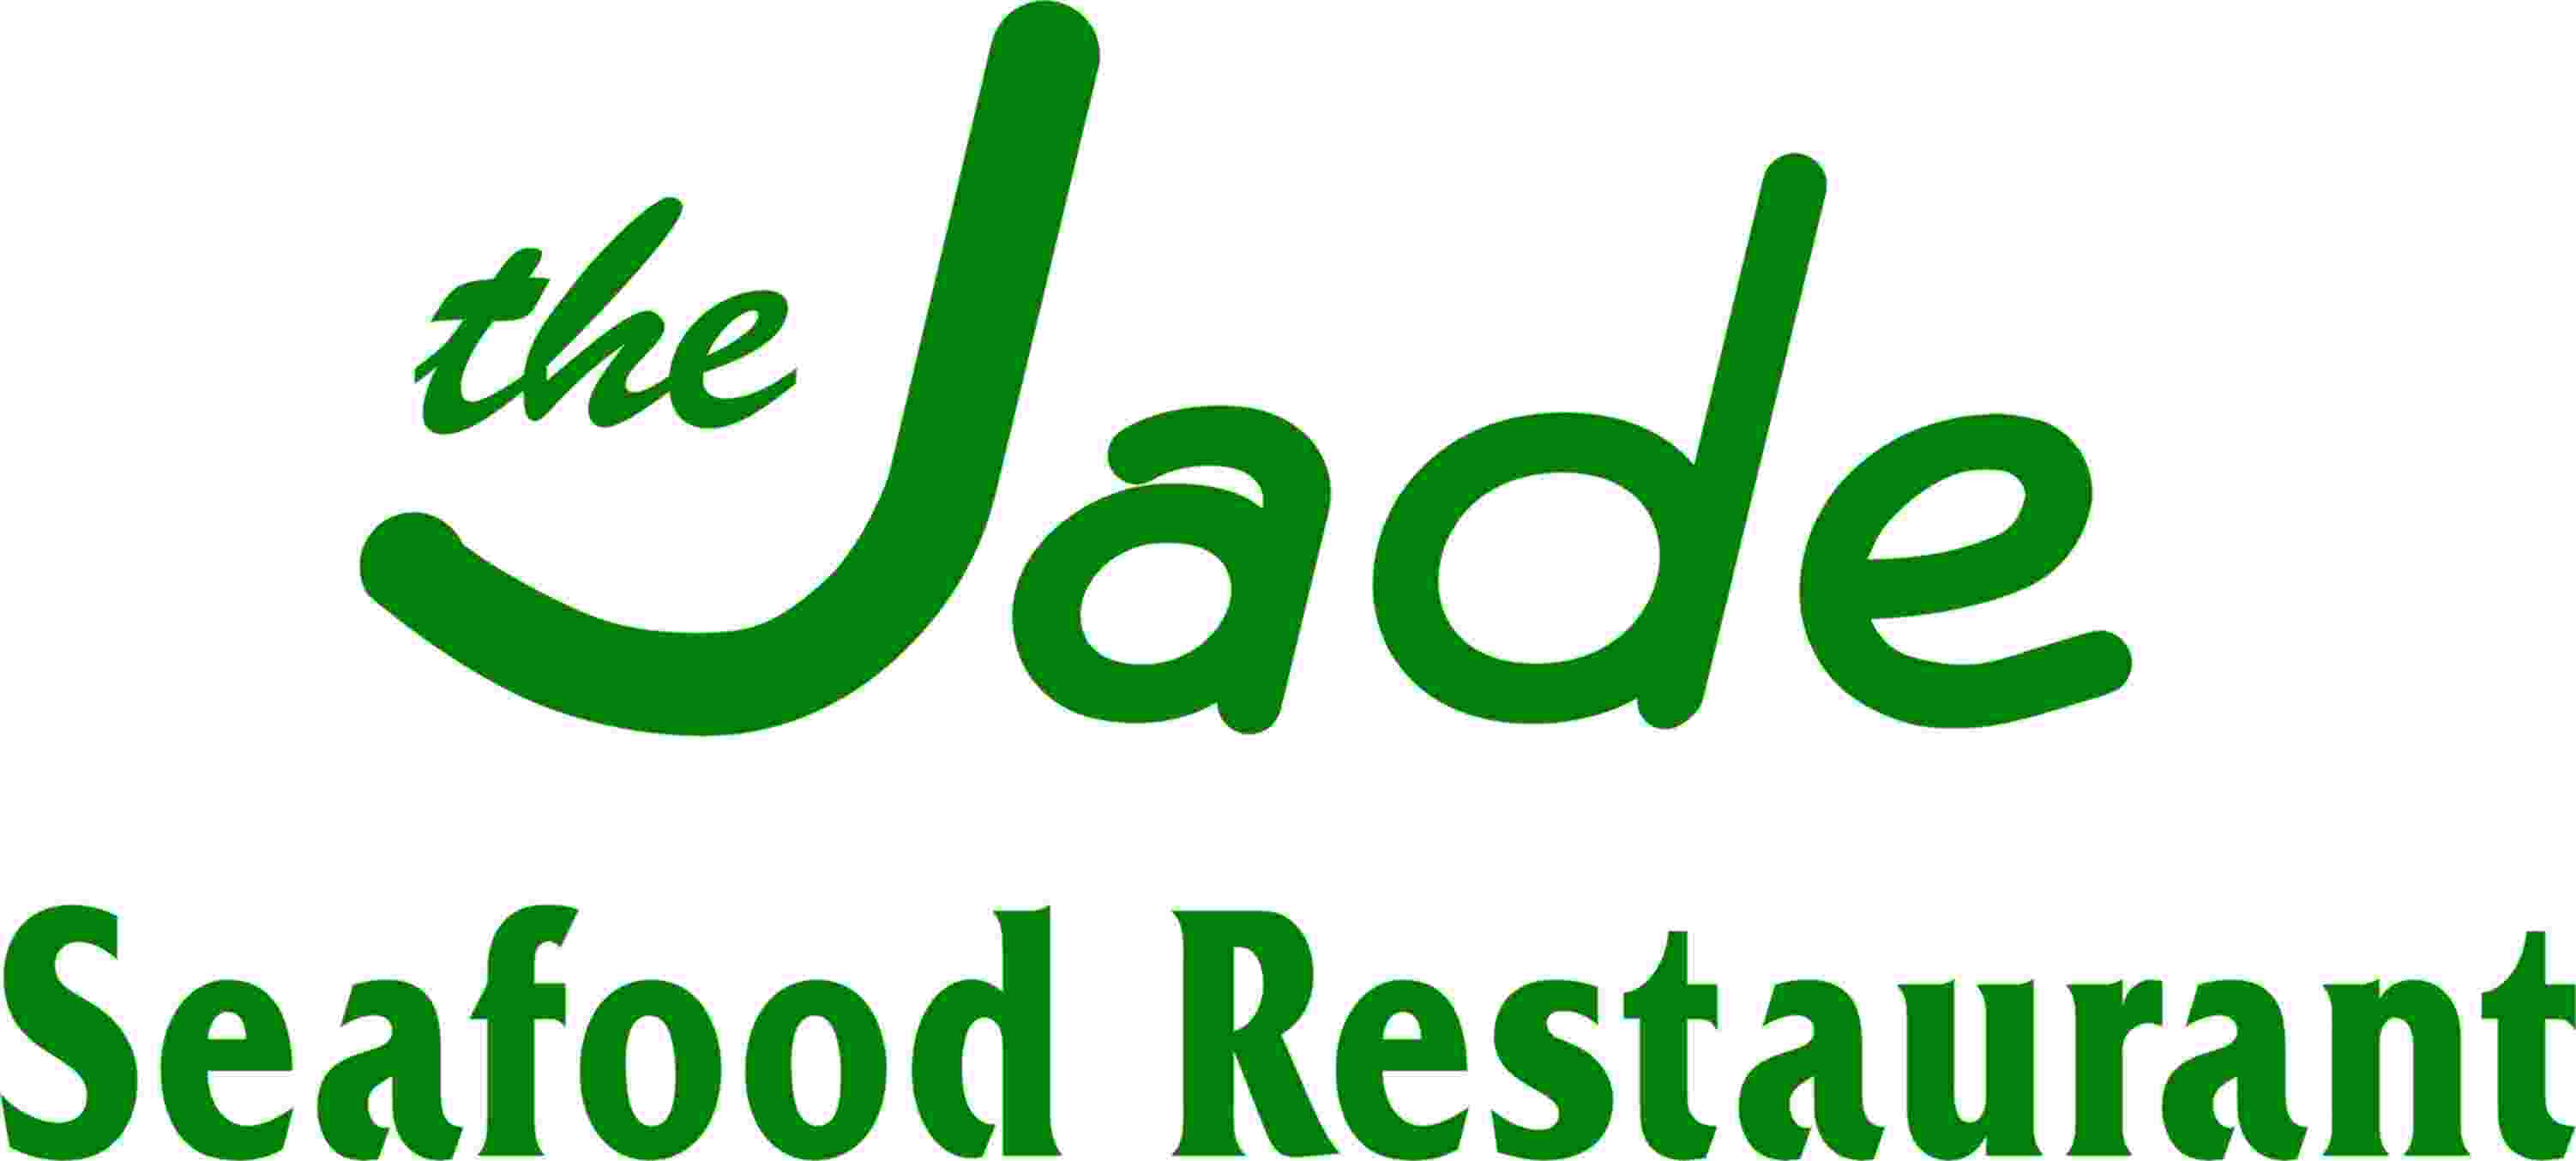 Jade Seafood Restaurant